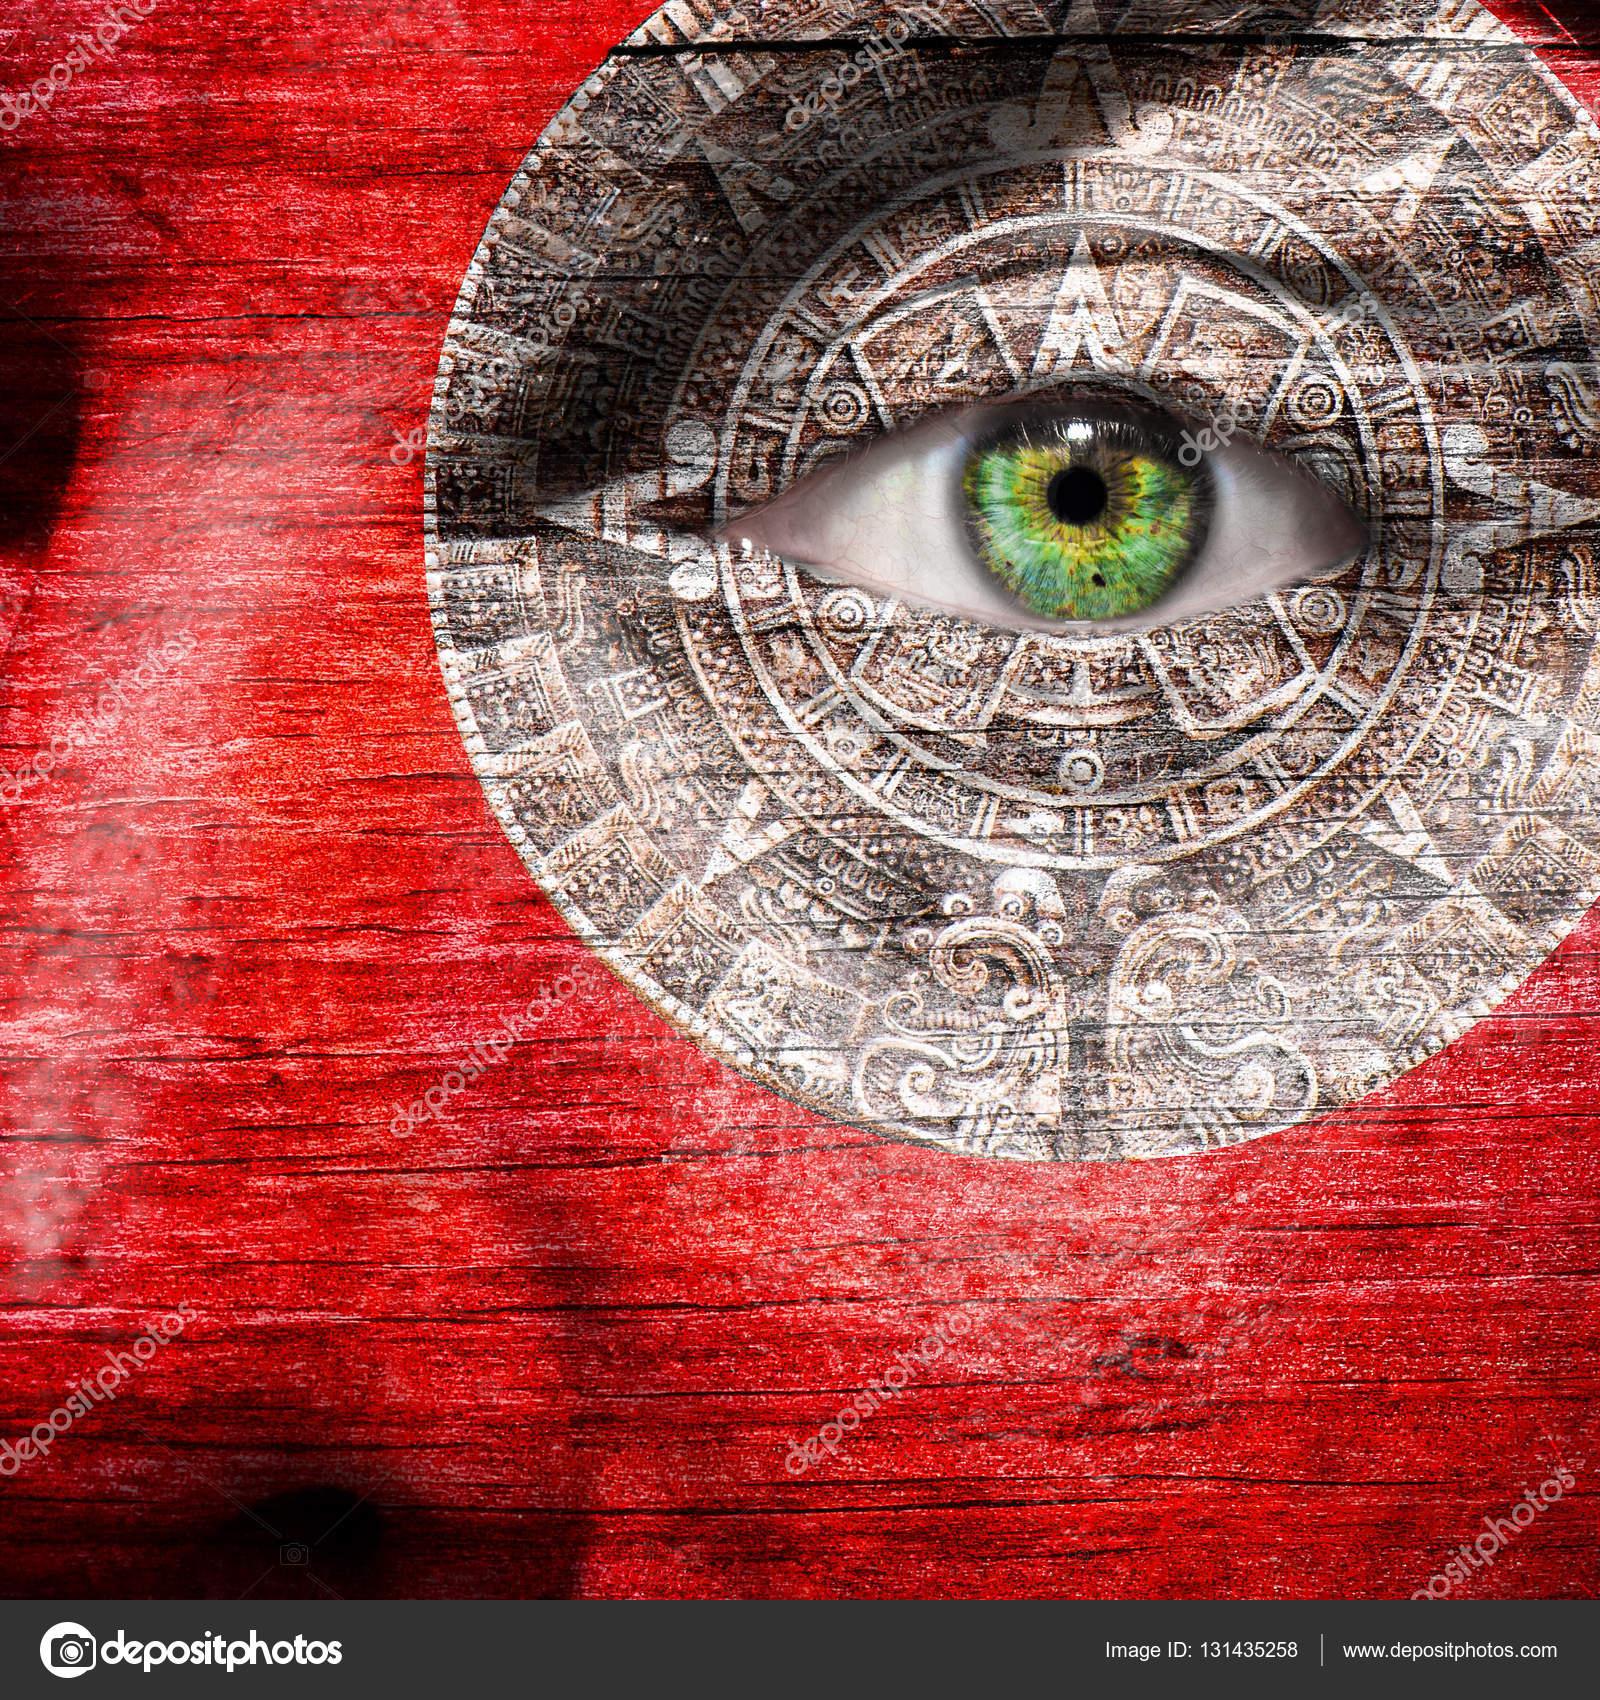 Descargar Juegos Gratis Para Celular Sony Ericsson Cyber-Shot